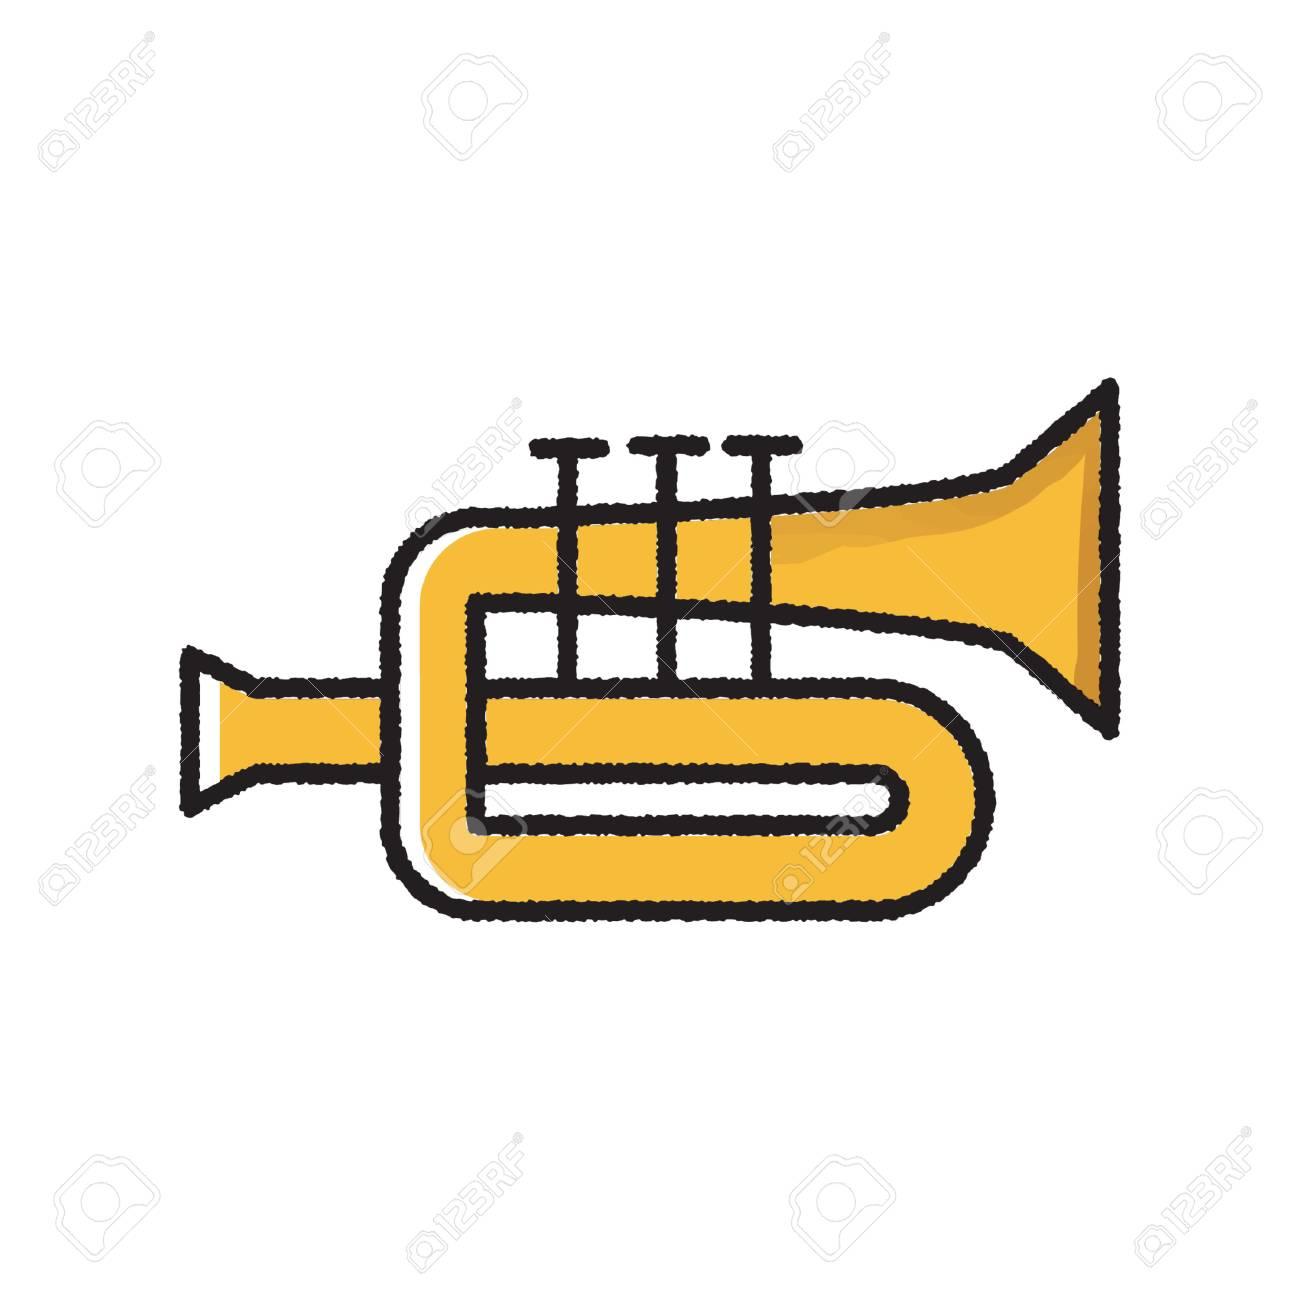 Trumpet clip art..